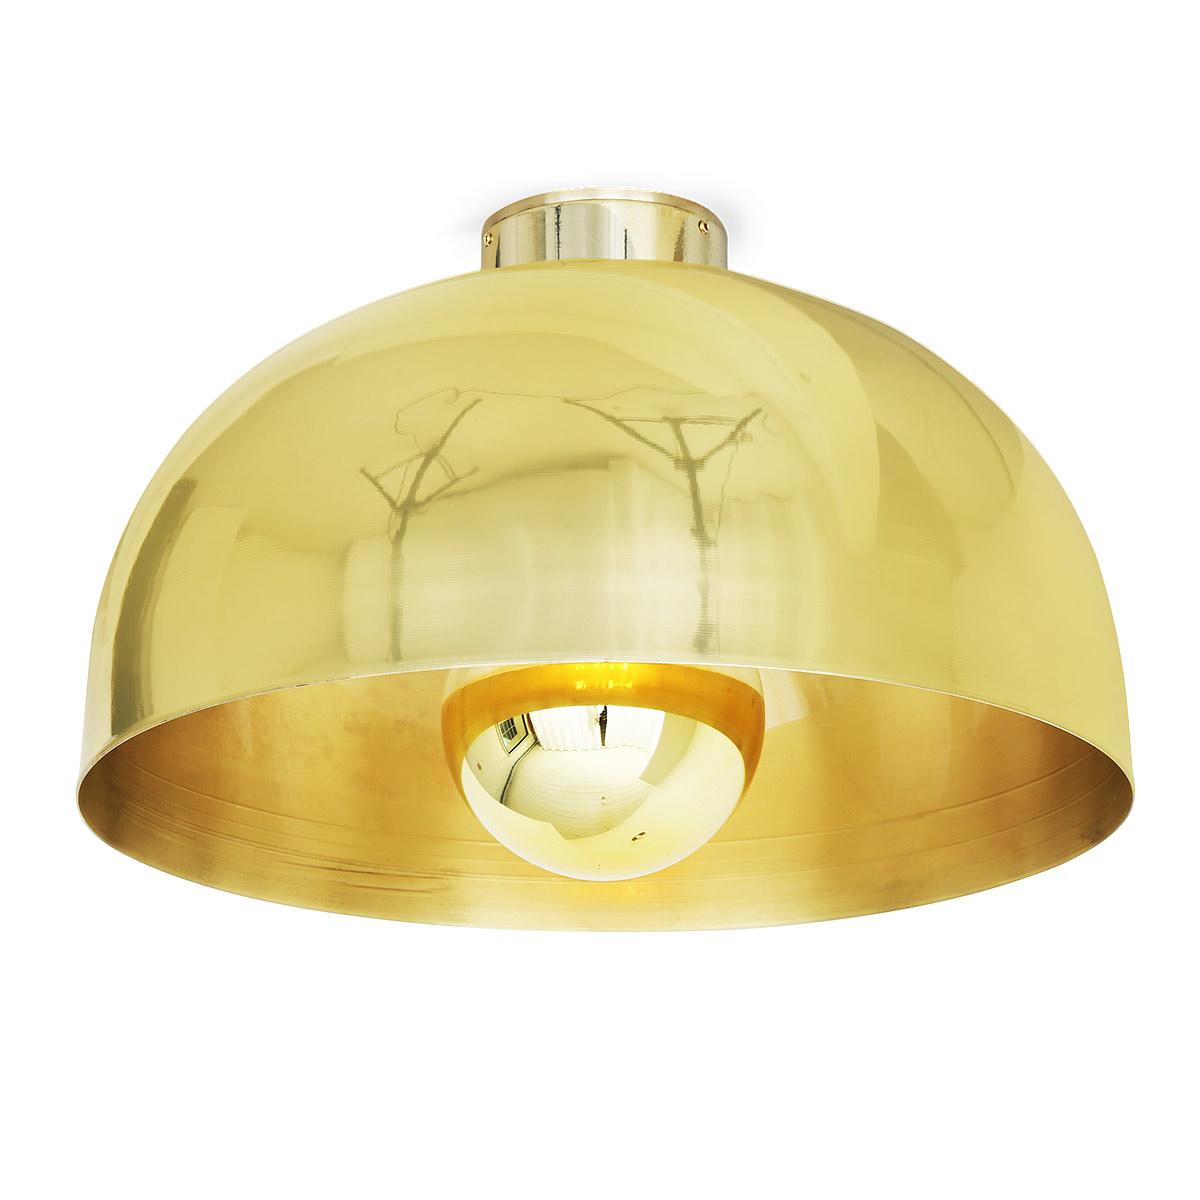 Kuppel deckenleuchte aus messing auch gl nzend 20 30 cm for Deckenleuchte messing